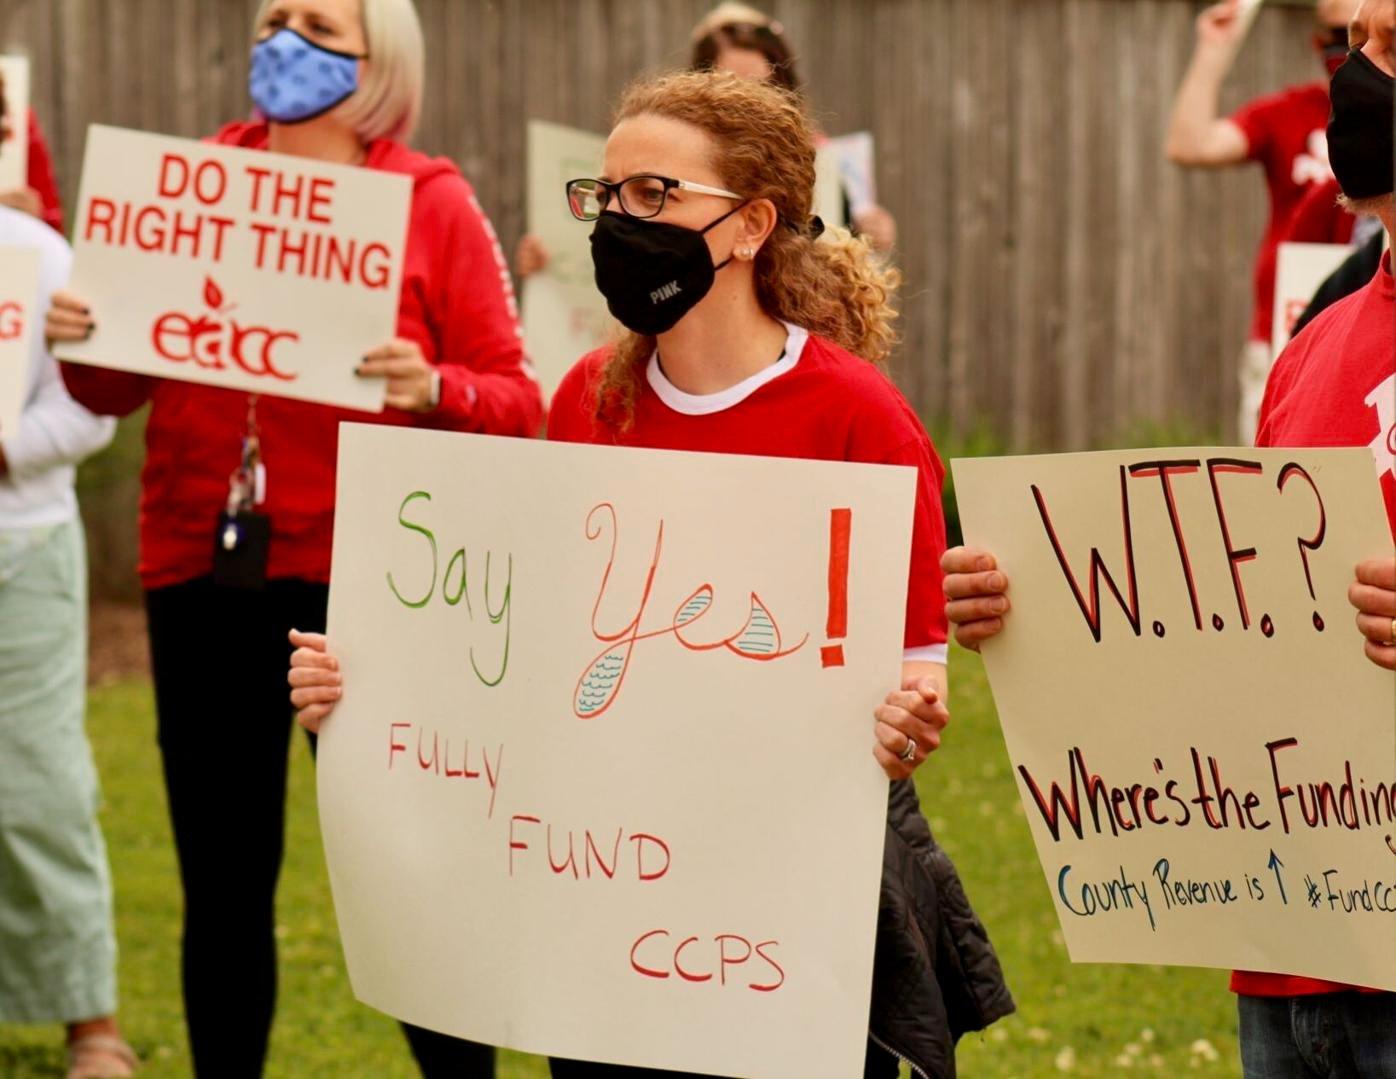 Teachers call for full funding of budget